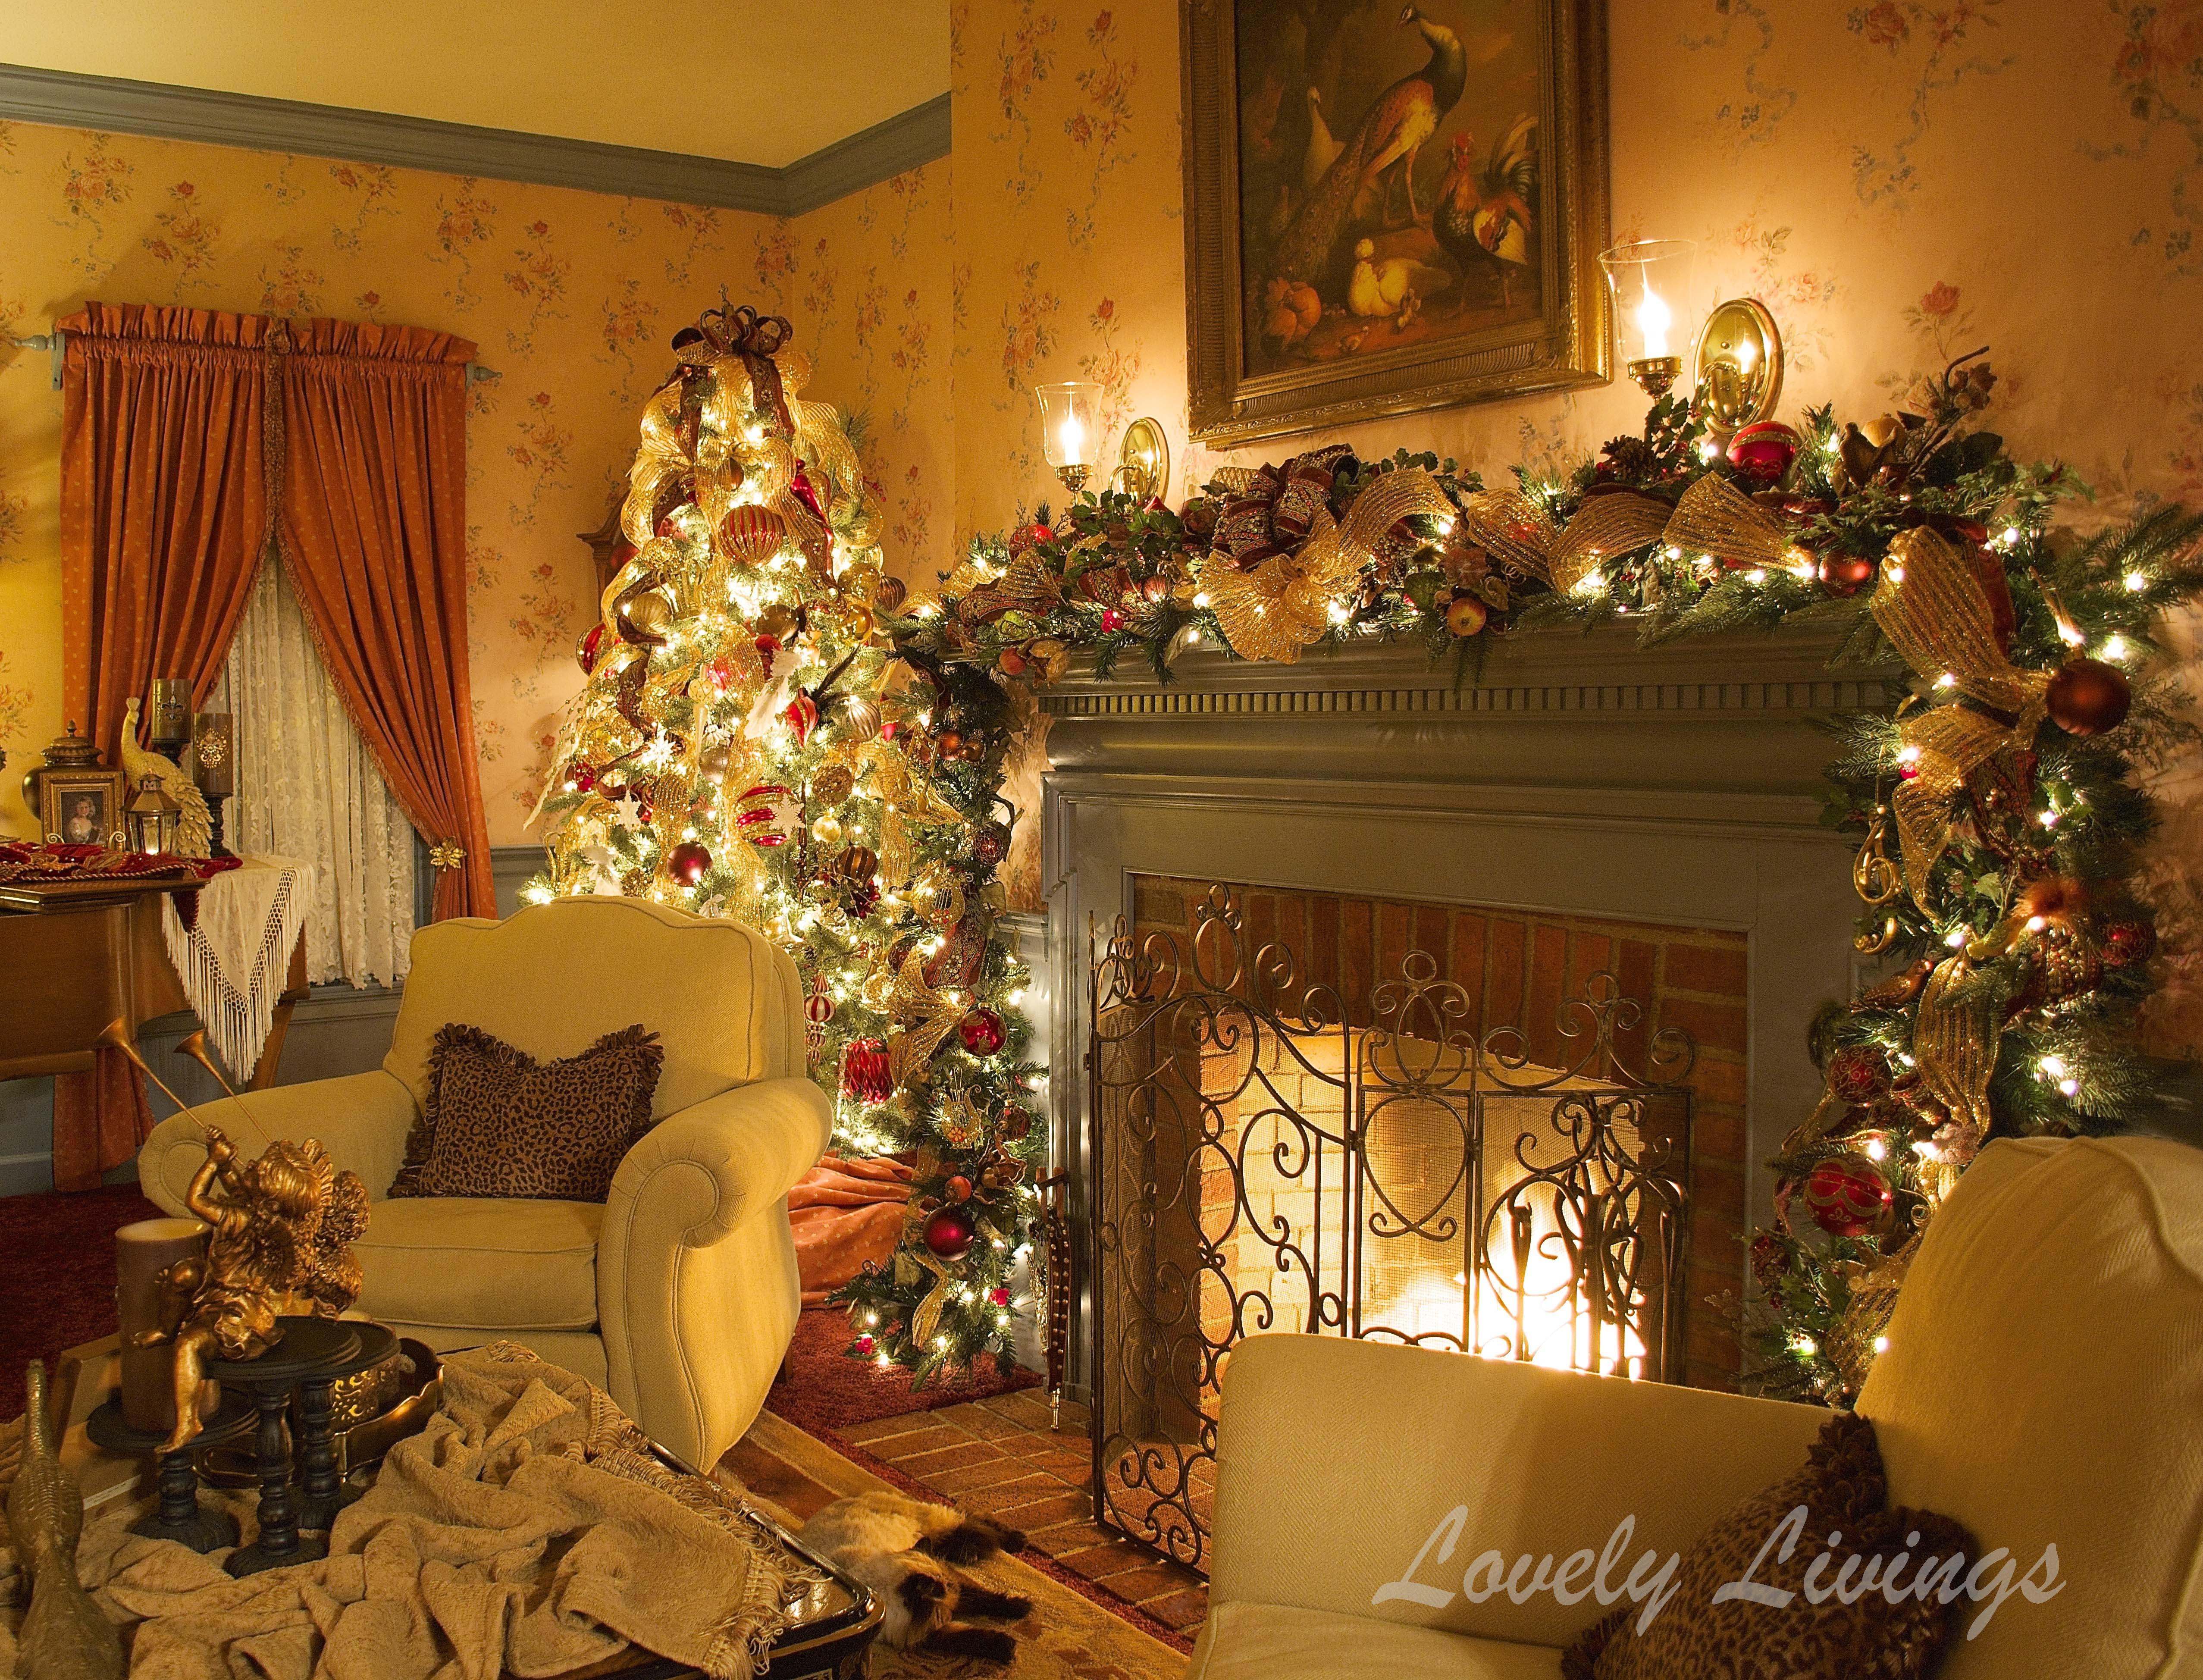 Christmas Decor For Living Room  The Christmas Room